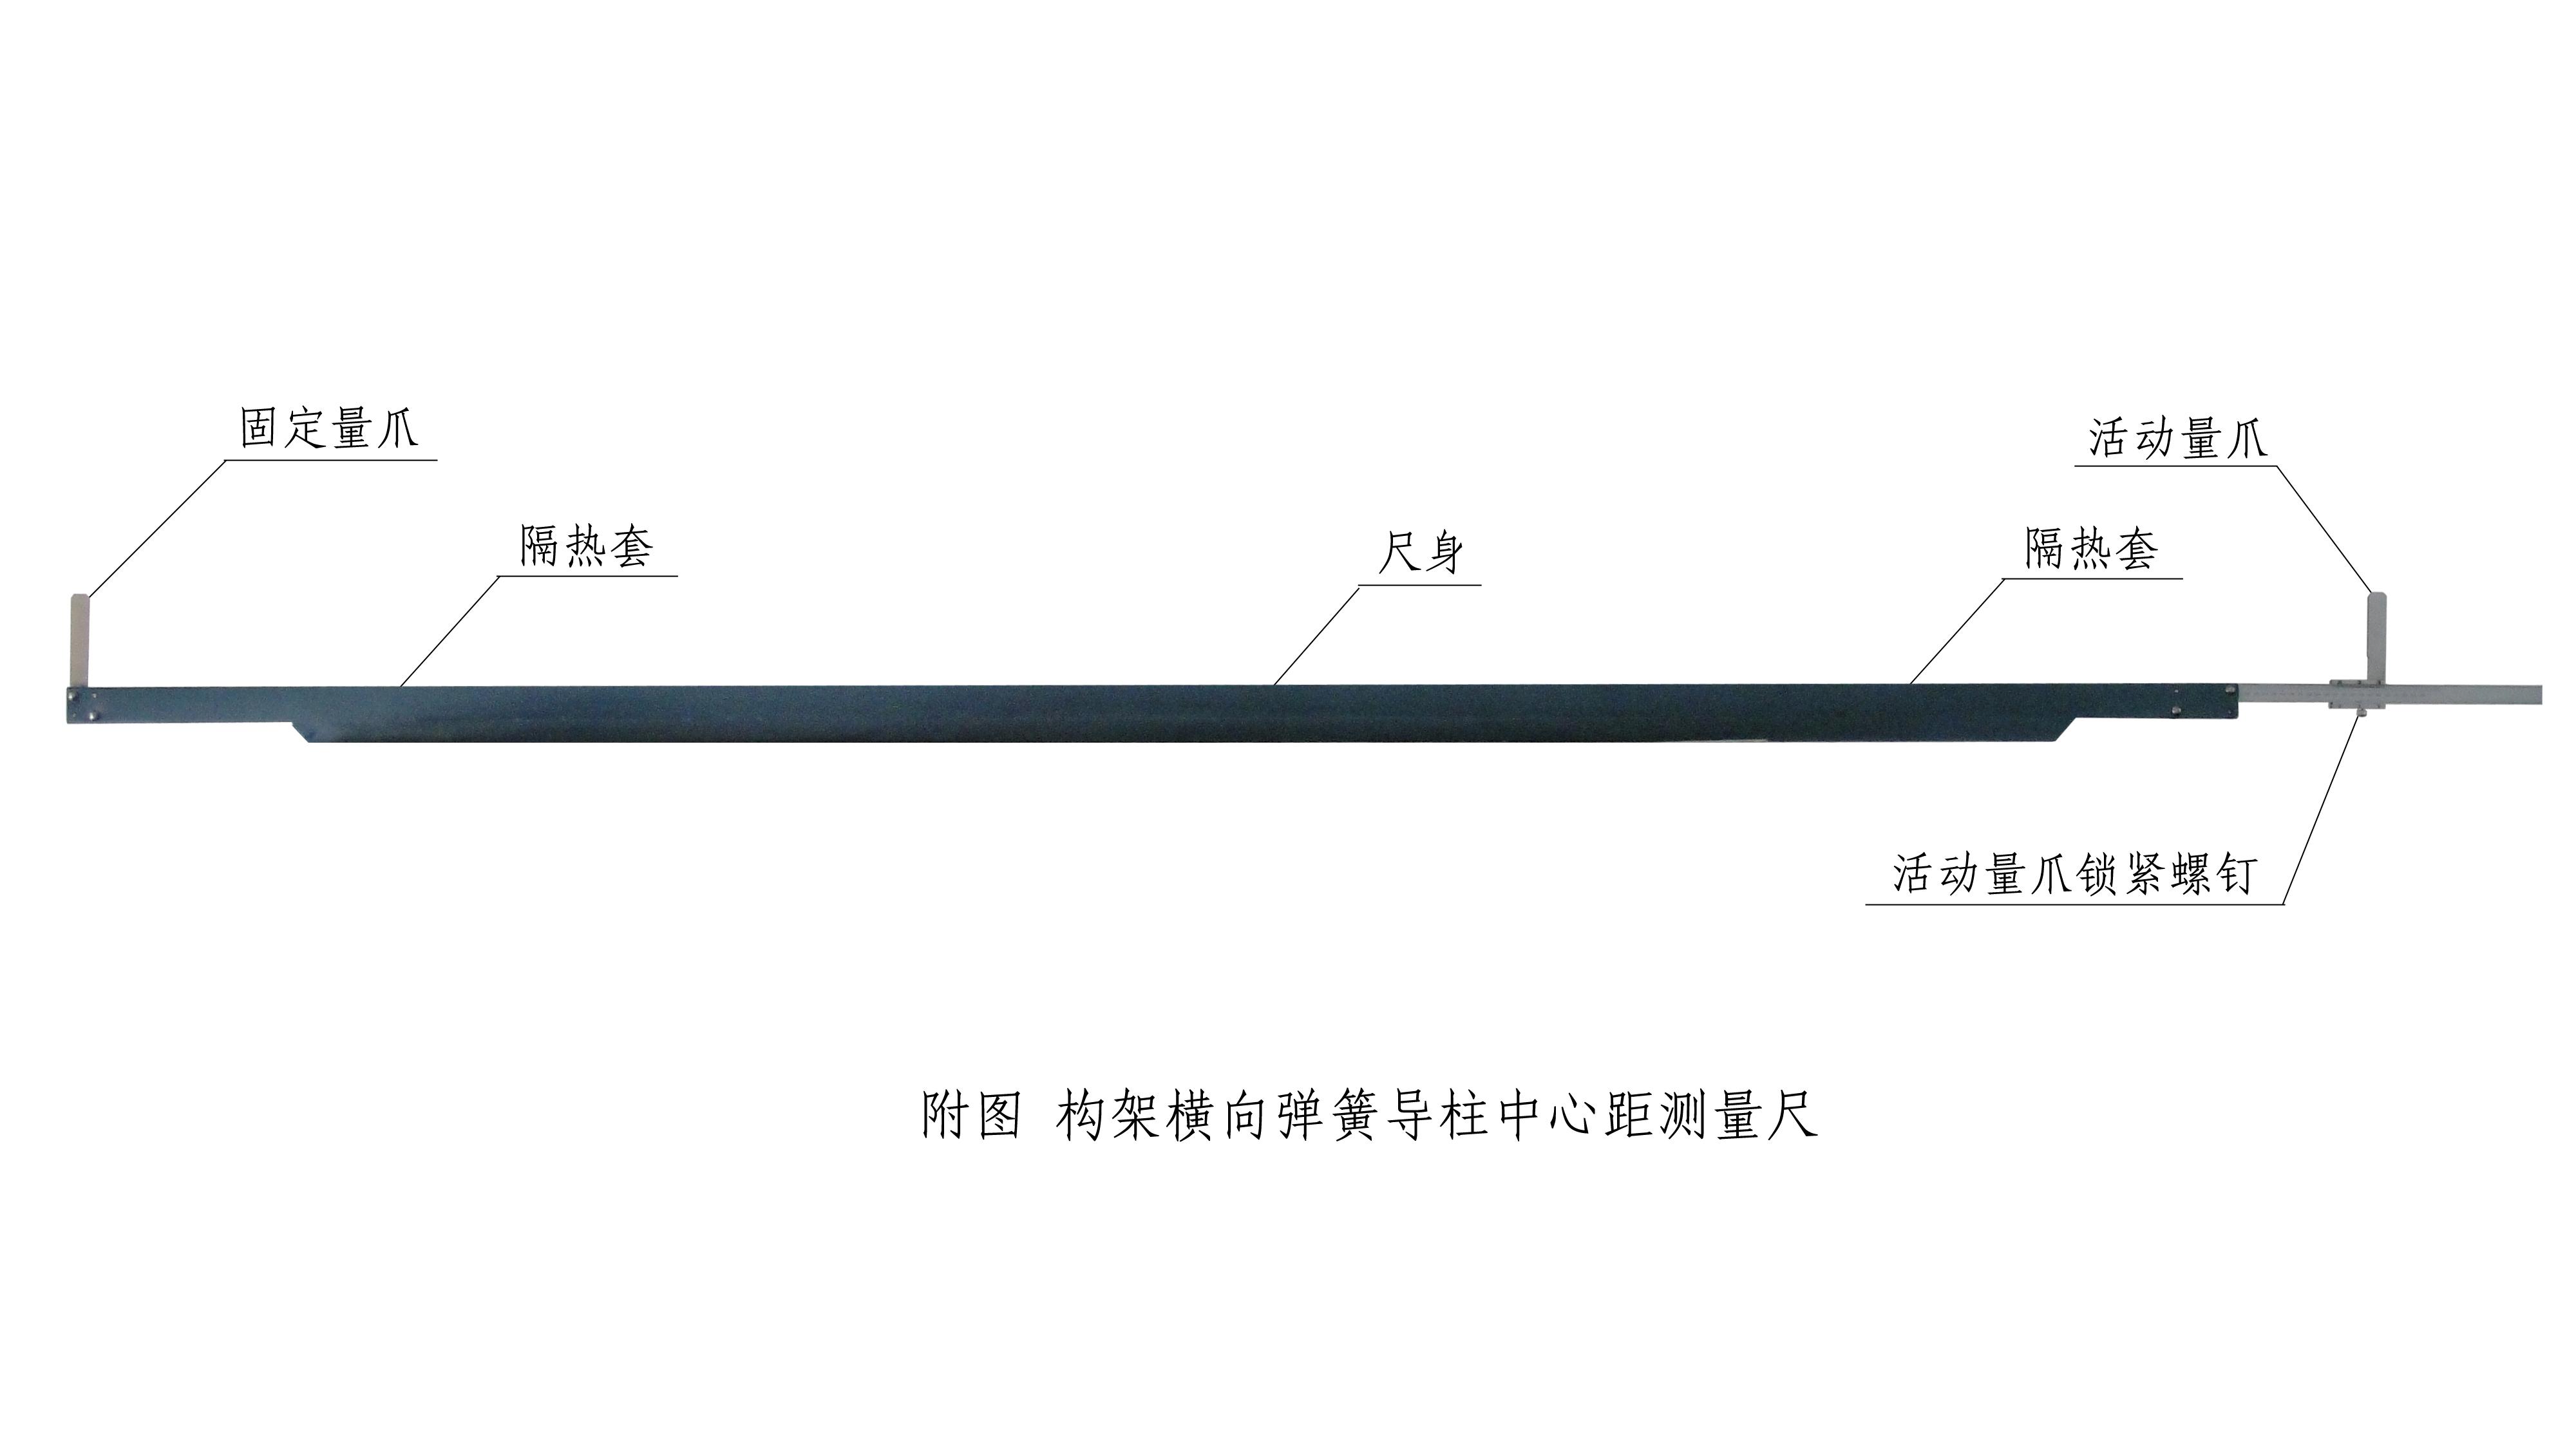 构架横向弹簧导柱中心距测量尺